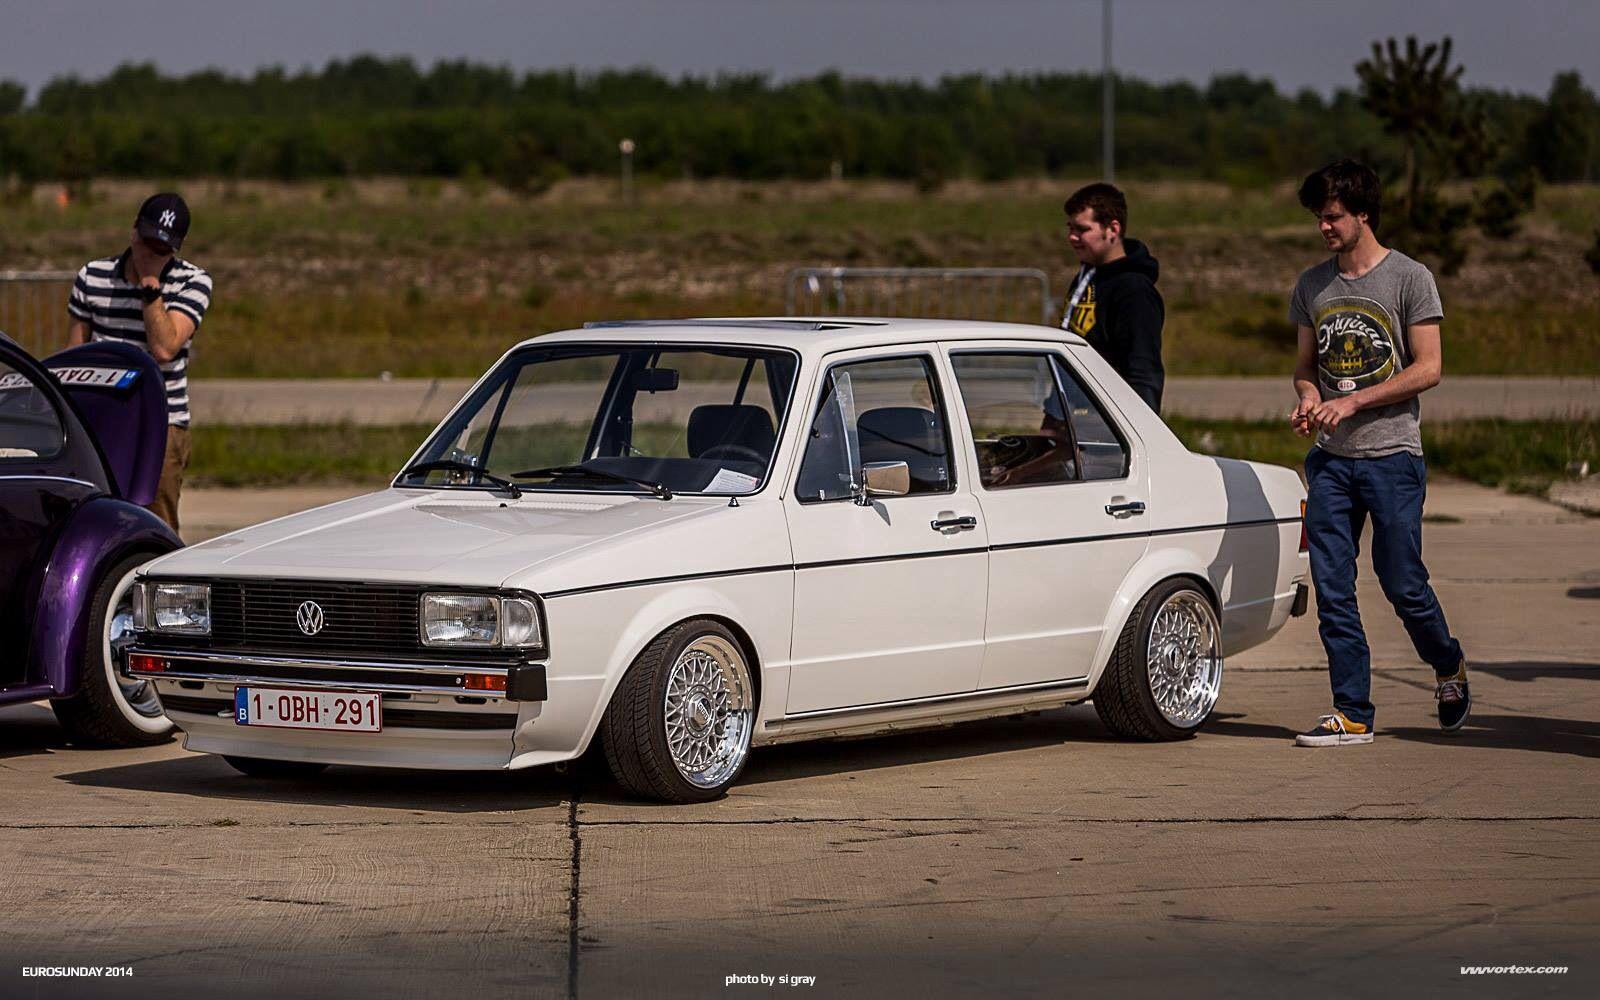 Pin by K. AZ on VW | Vw jetta, Volkswagen, Bmw e38